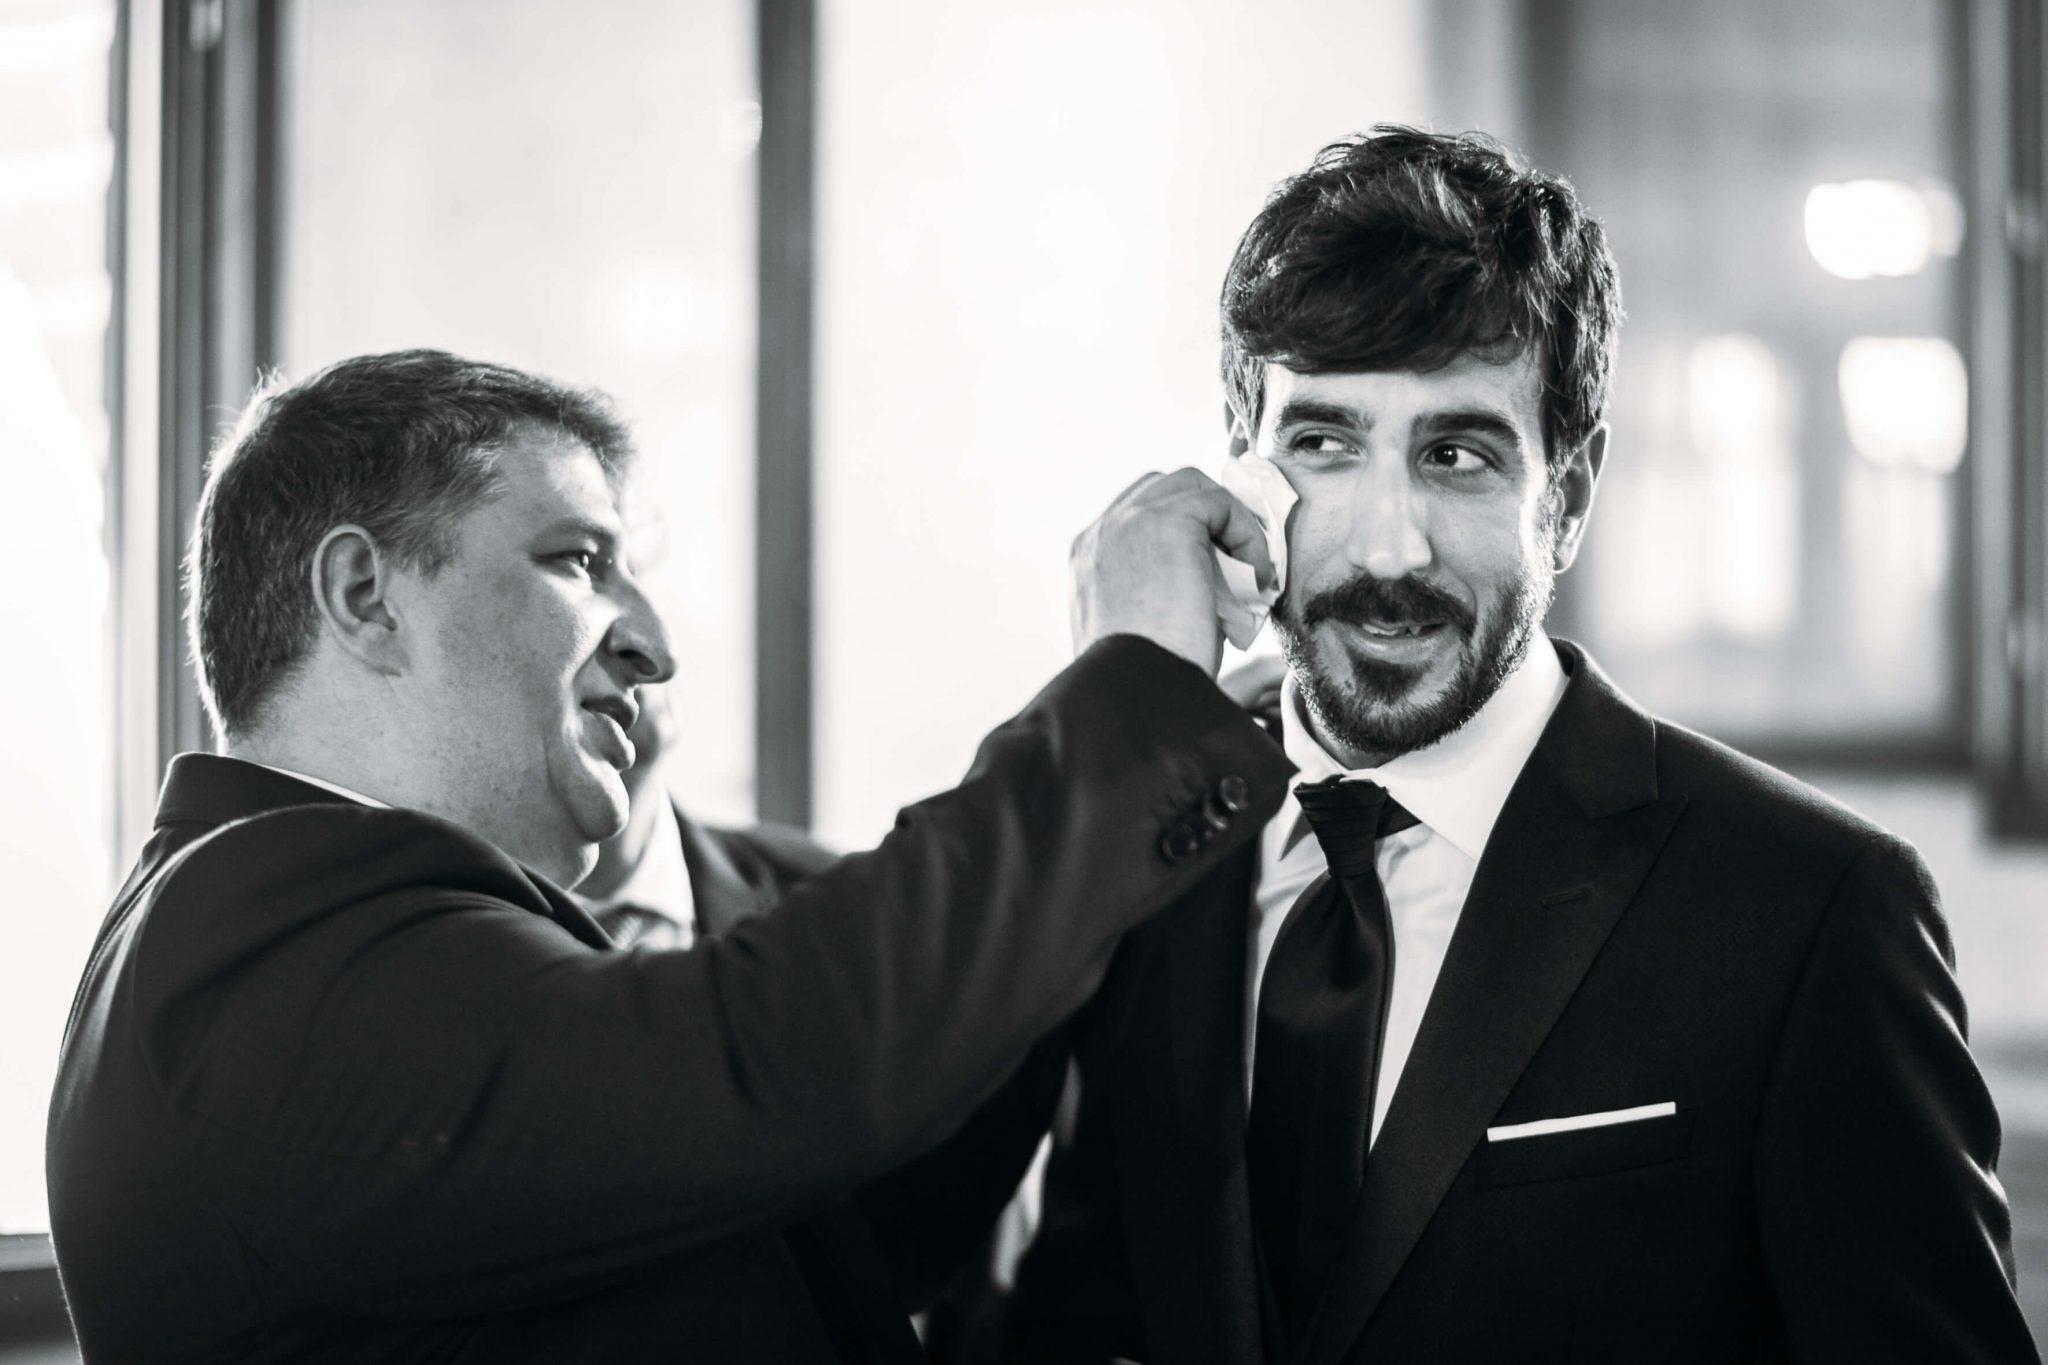 un amico asciuga il sudore dello sposo con un fazzoletto prima della cerimonia